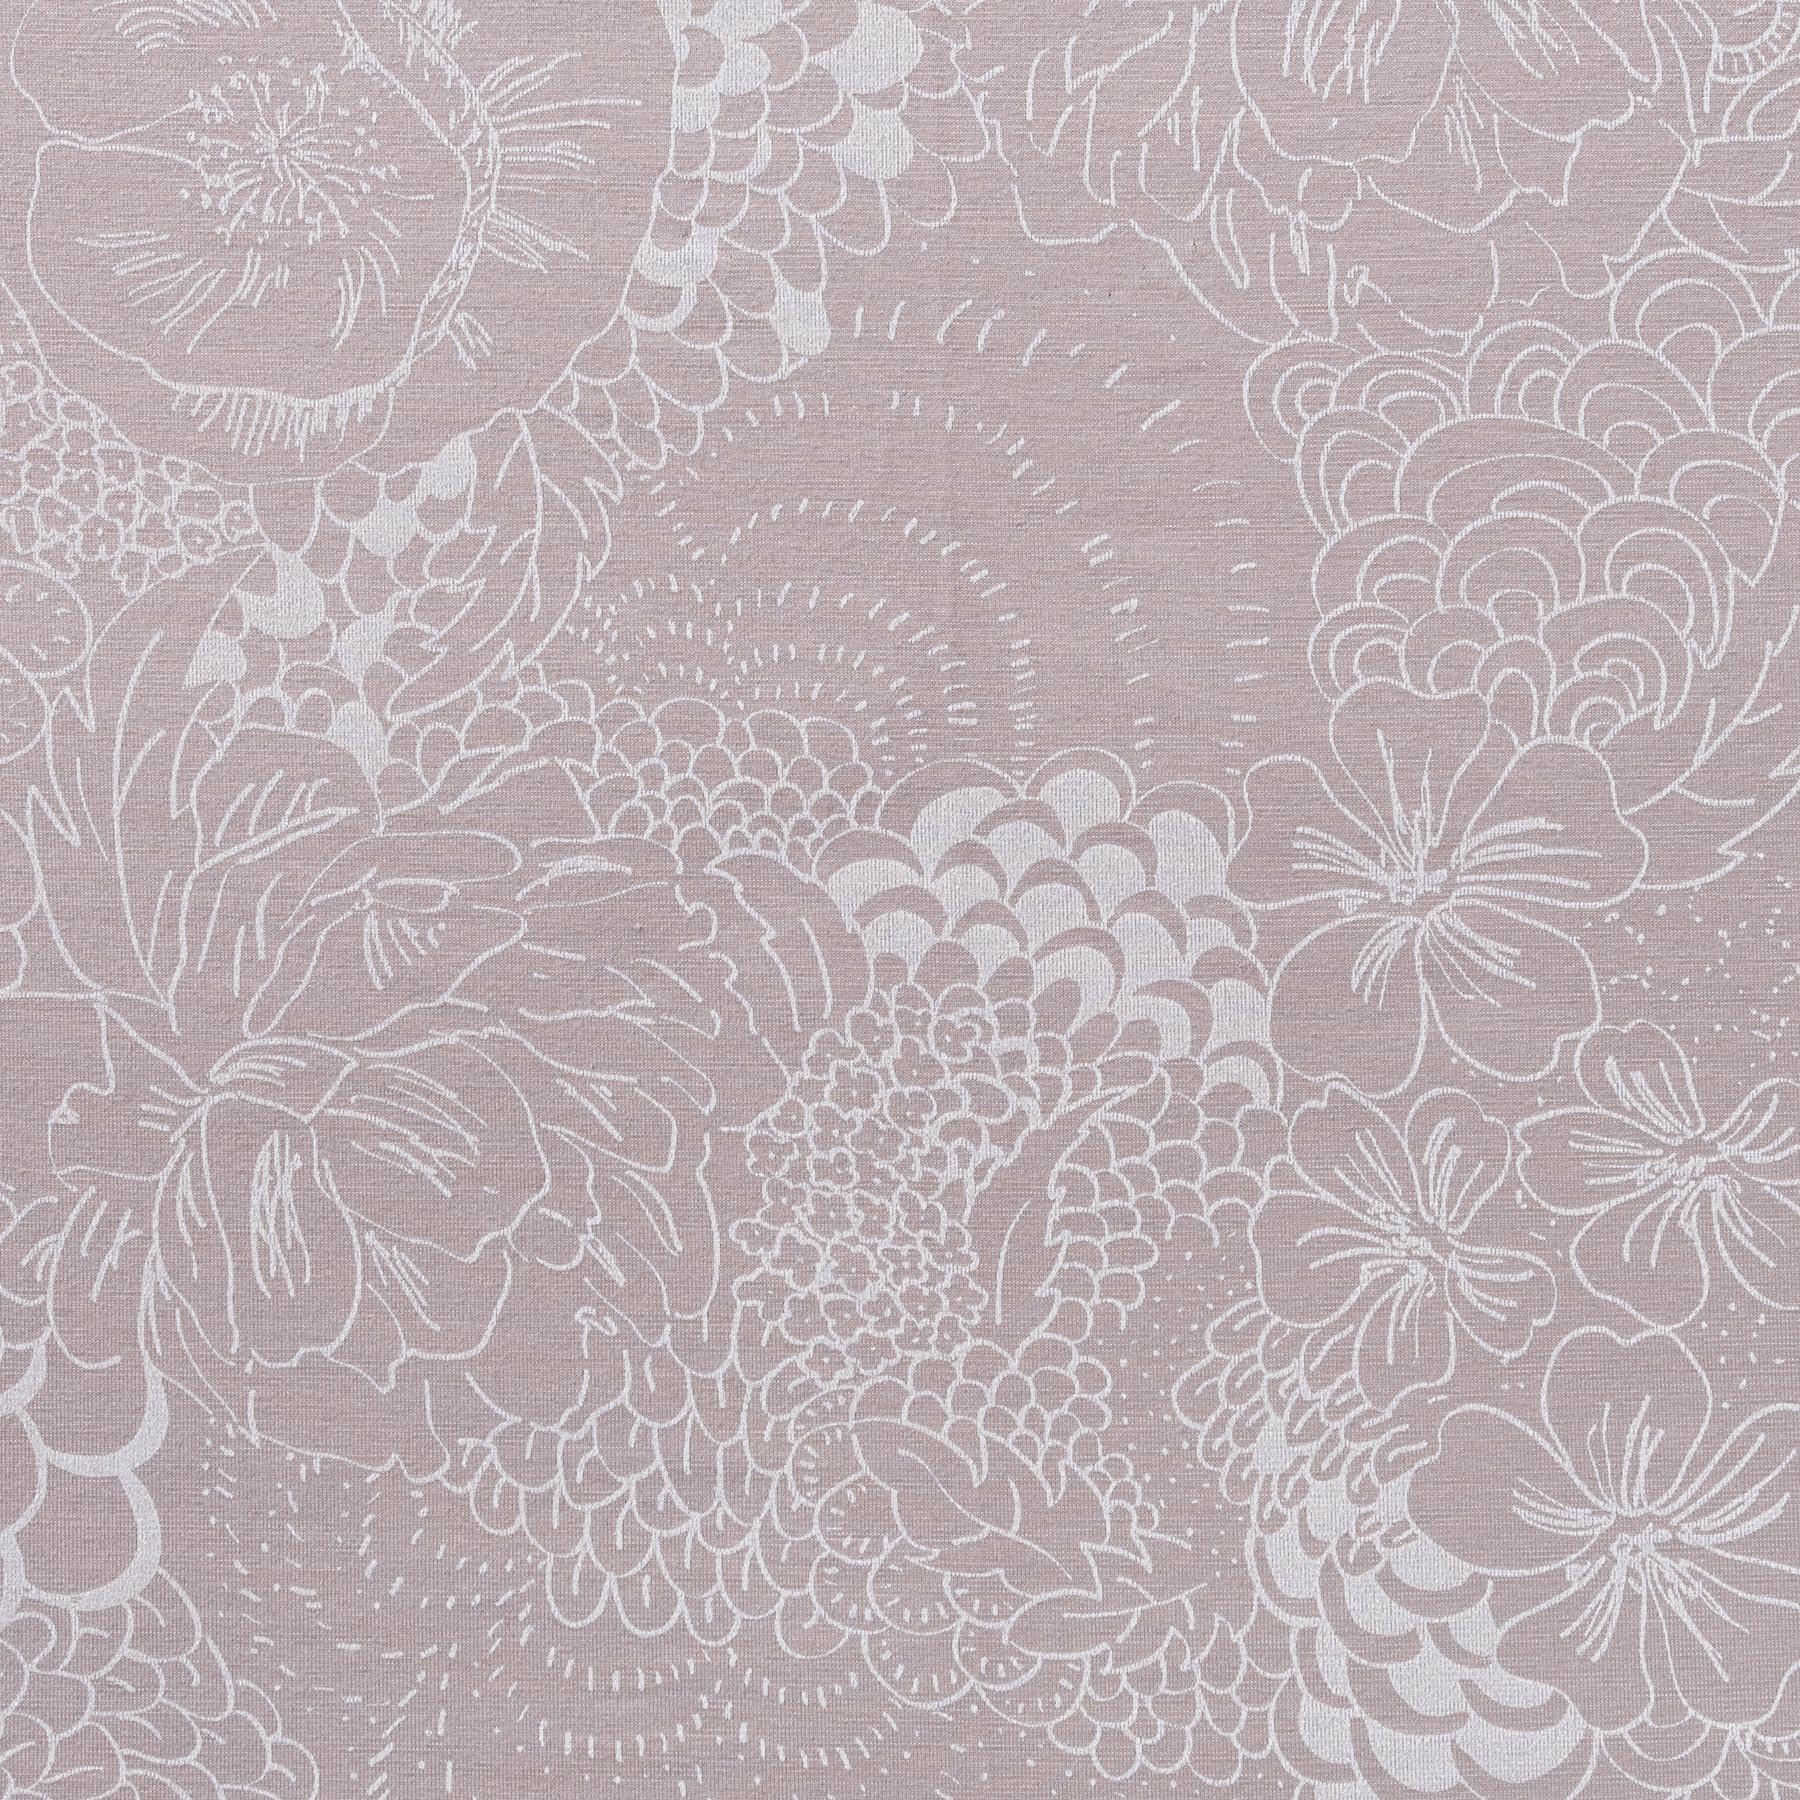 Bio Jersey Modal weiße filigrane Blumen auf taupe